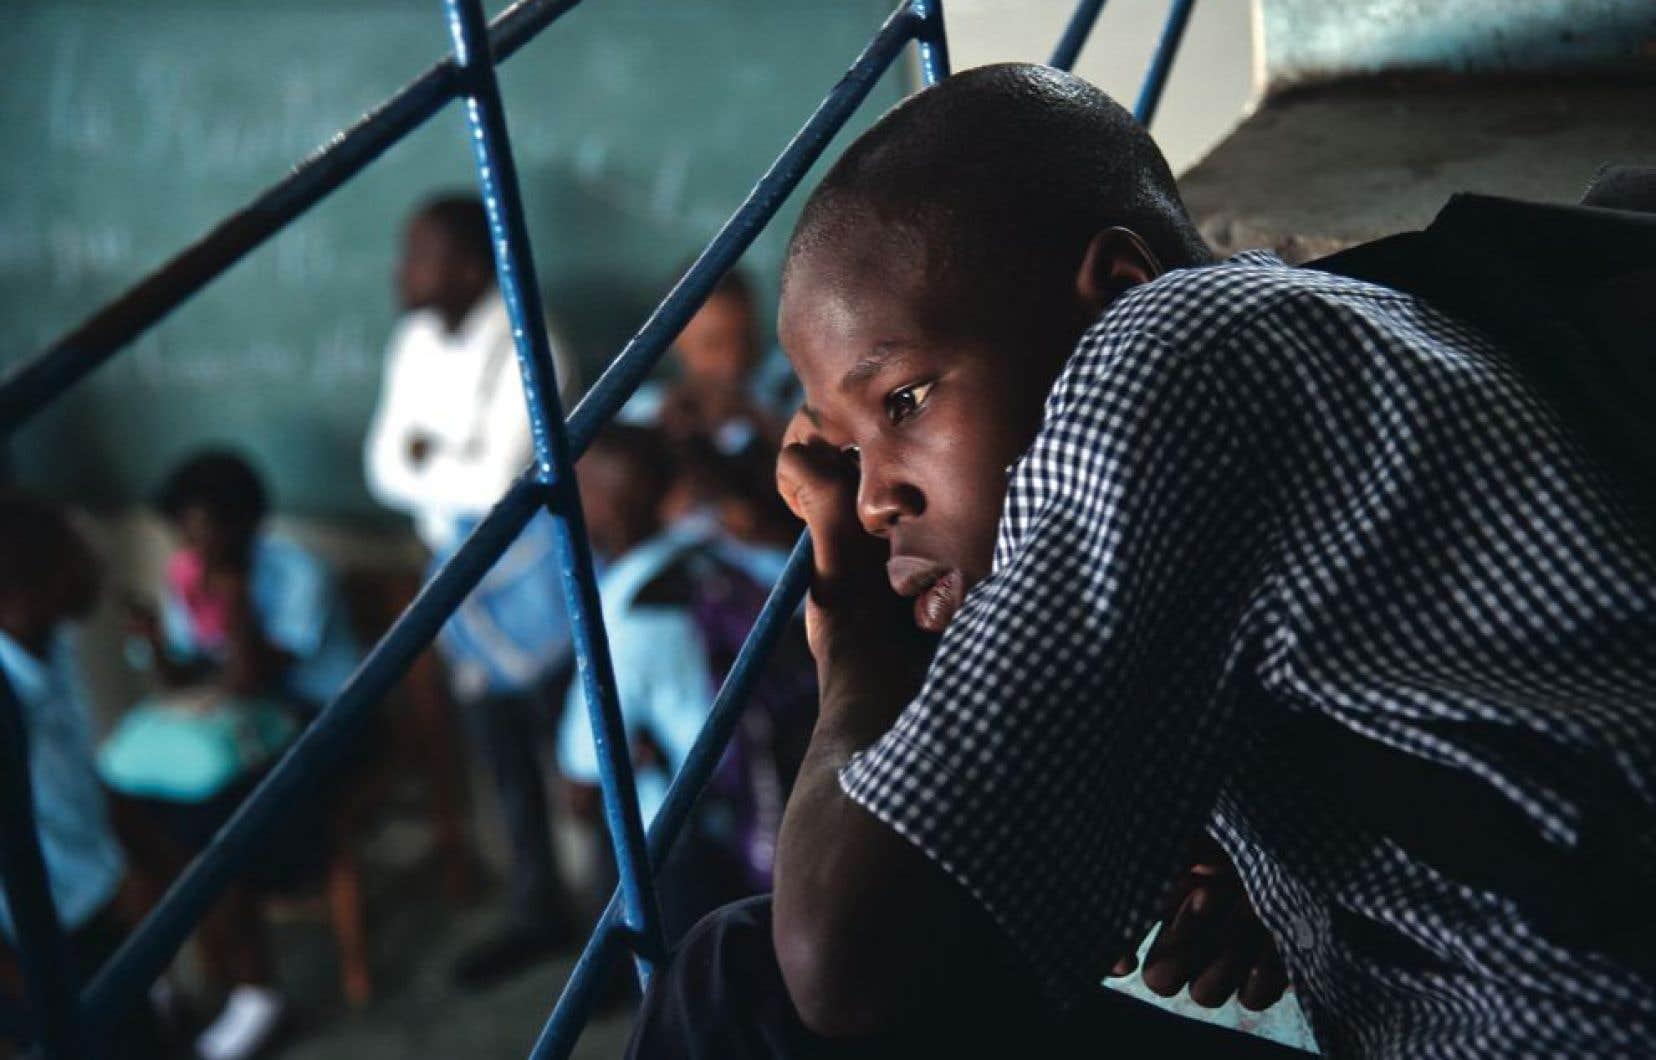 Les initiatives appuyées par le Canada en Haïti entre 2006 et 2013 ont été «dans l'ensemble pertinentes et efficaces», selon un rapport qui détonne quant aux dires du gouvernement conservateur de l'époque.